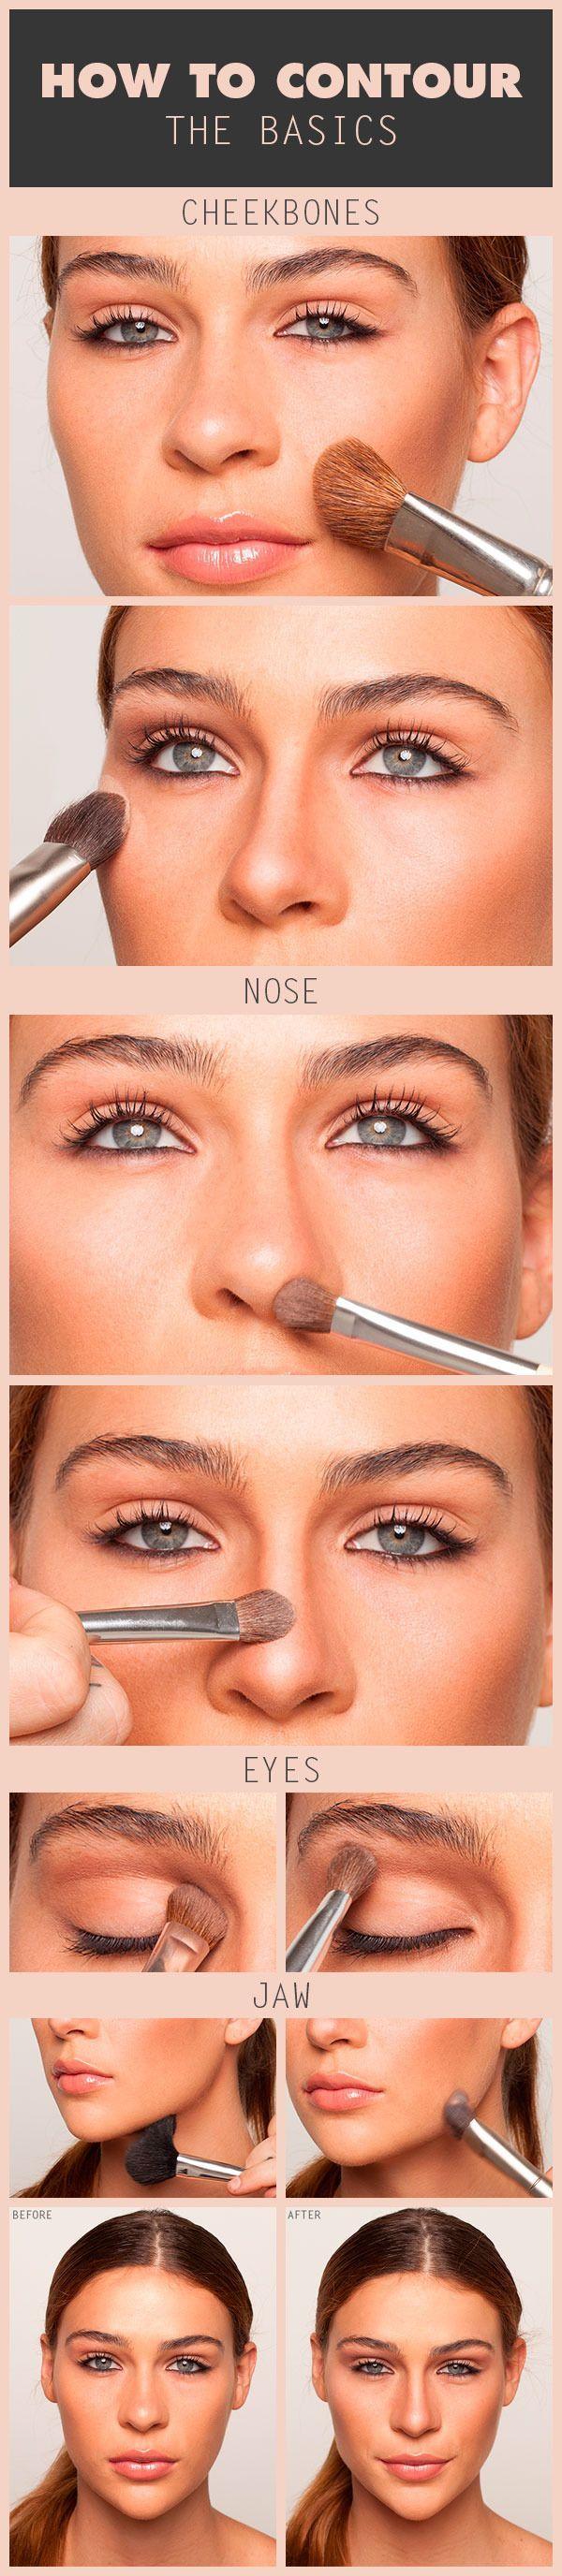 How to Contour: The Basics | Beautylish